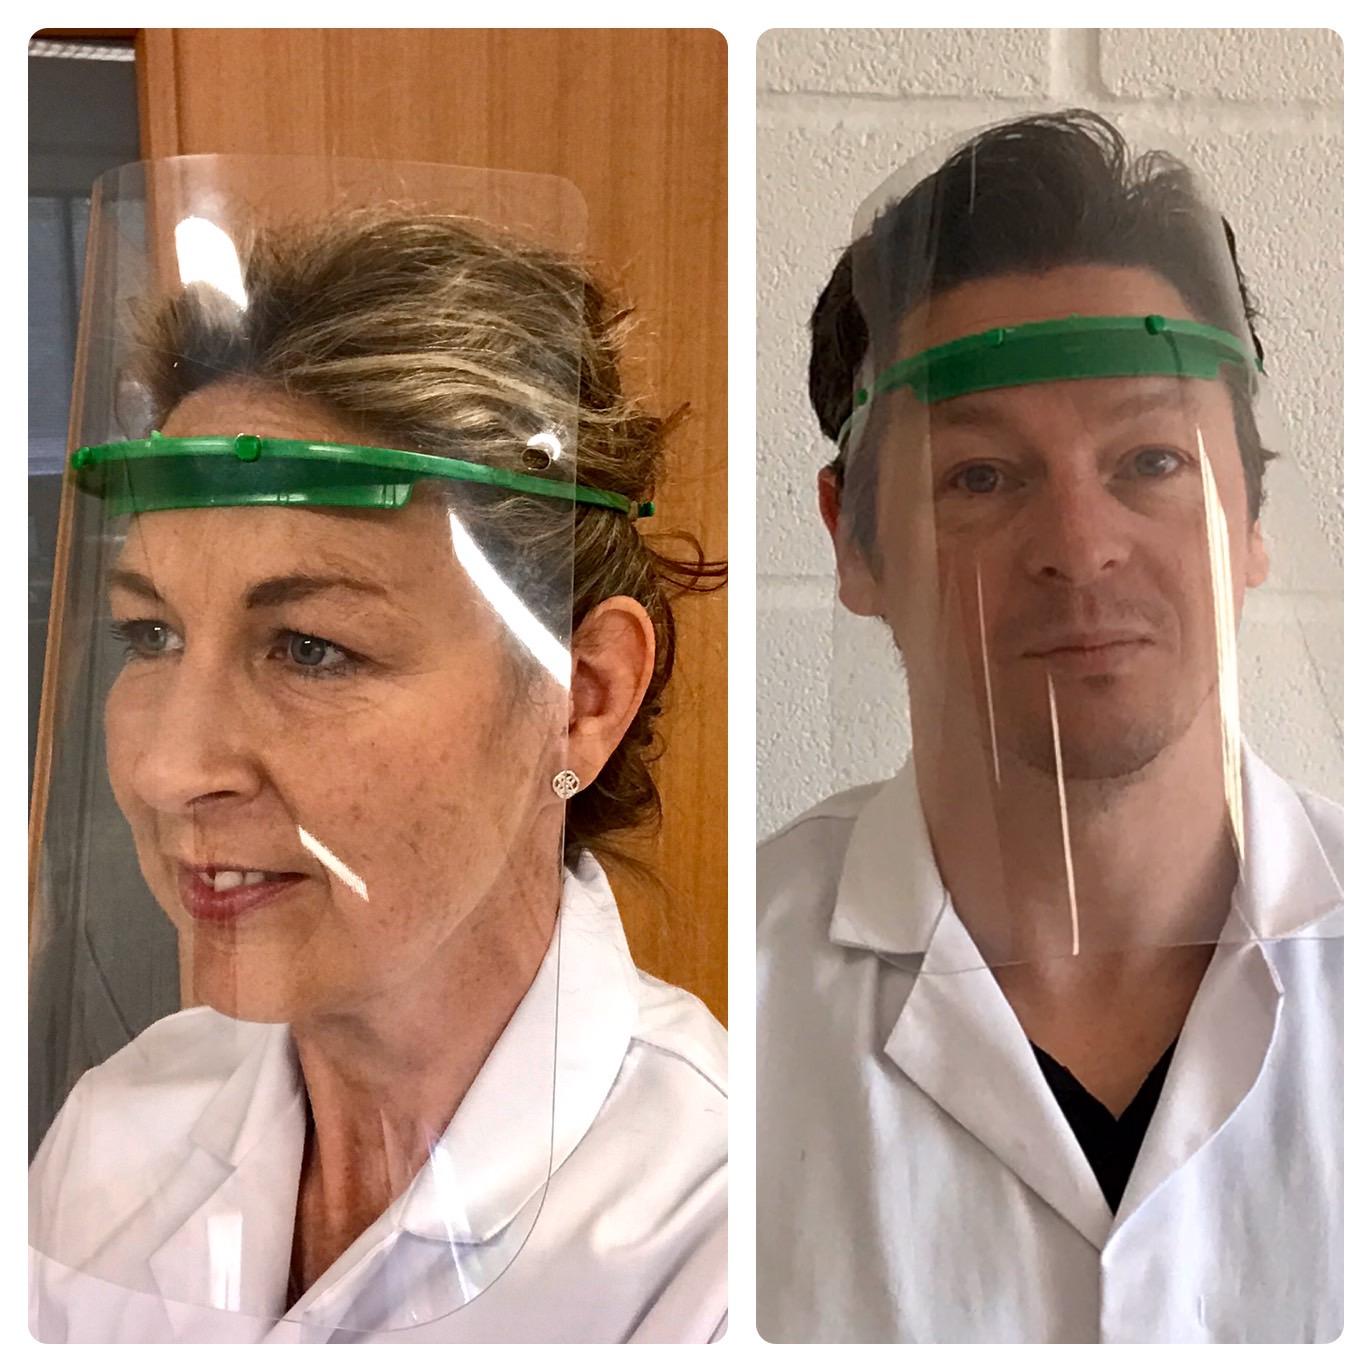 PPE face visors